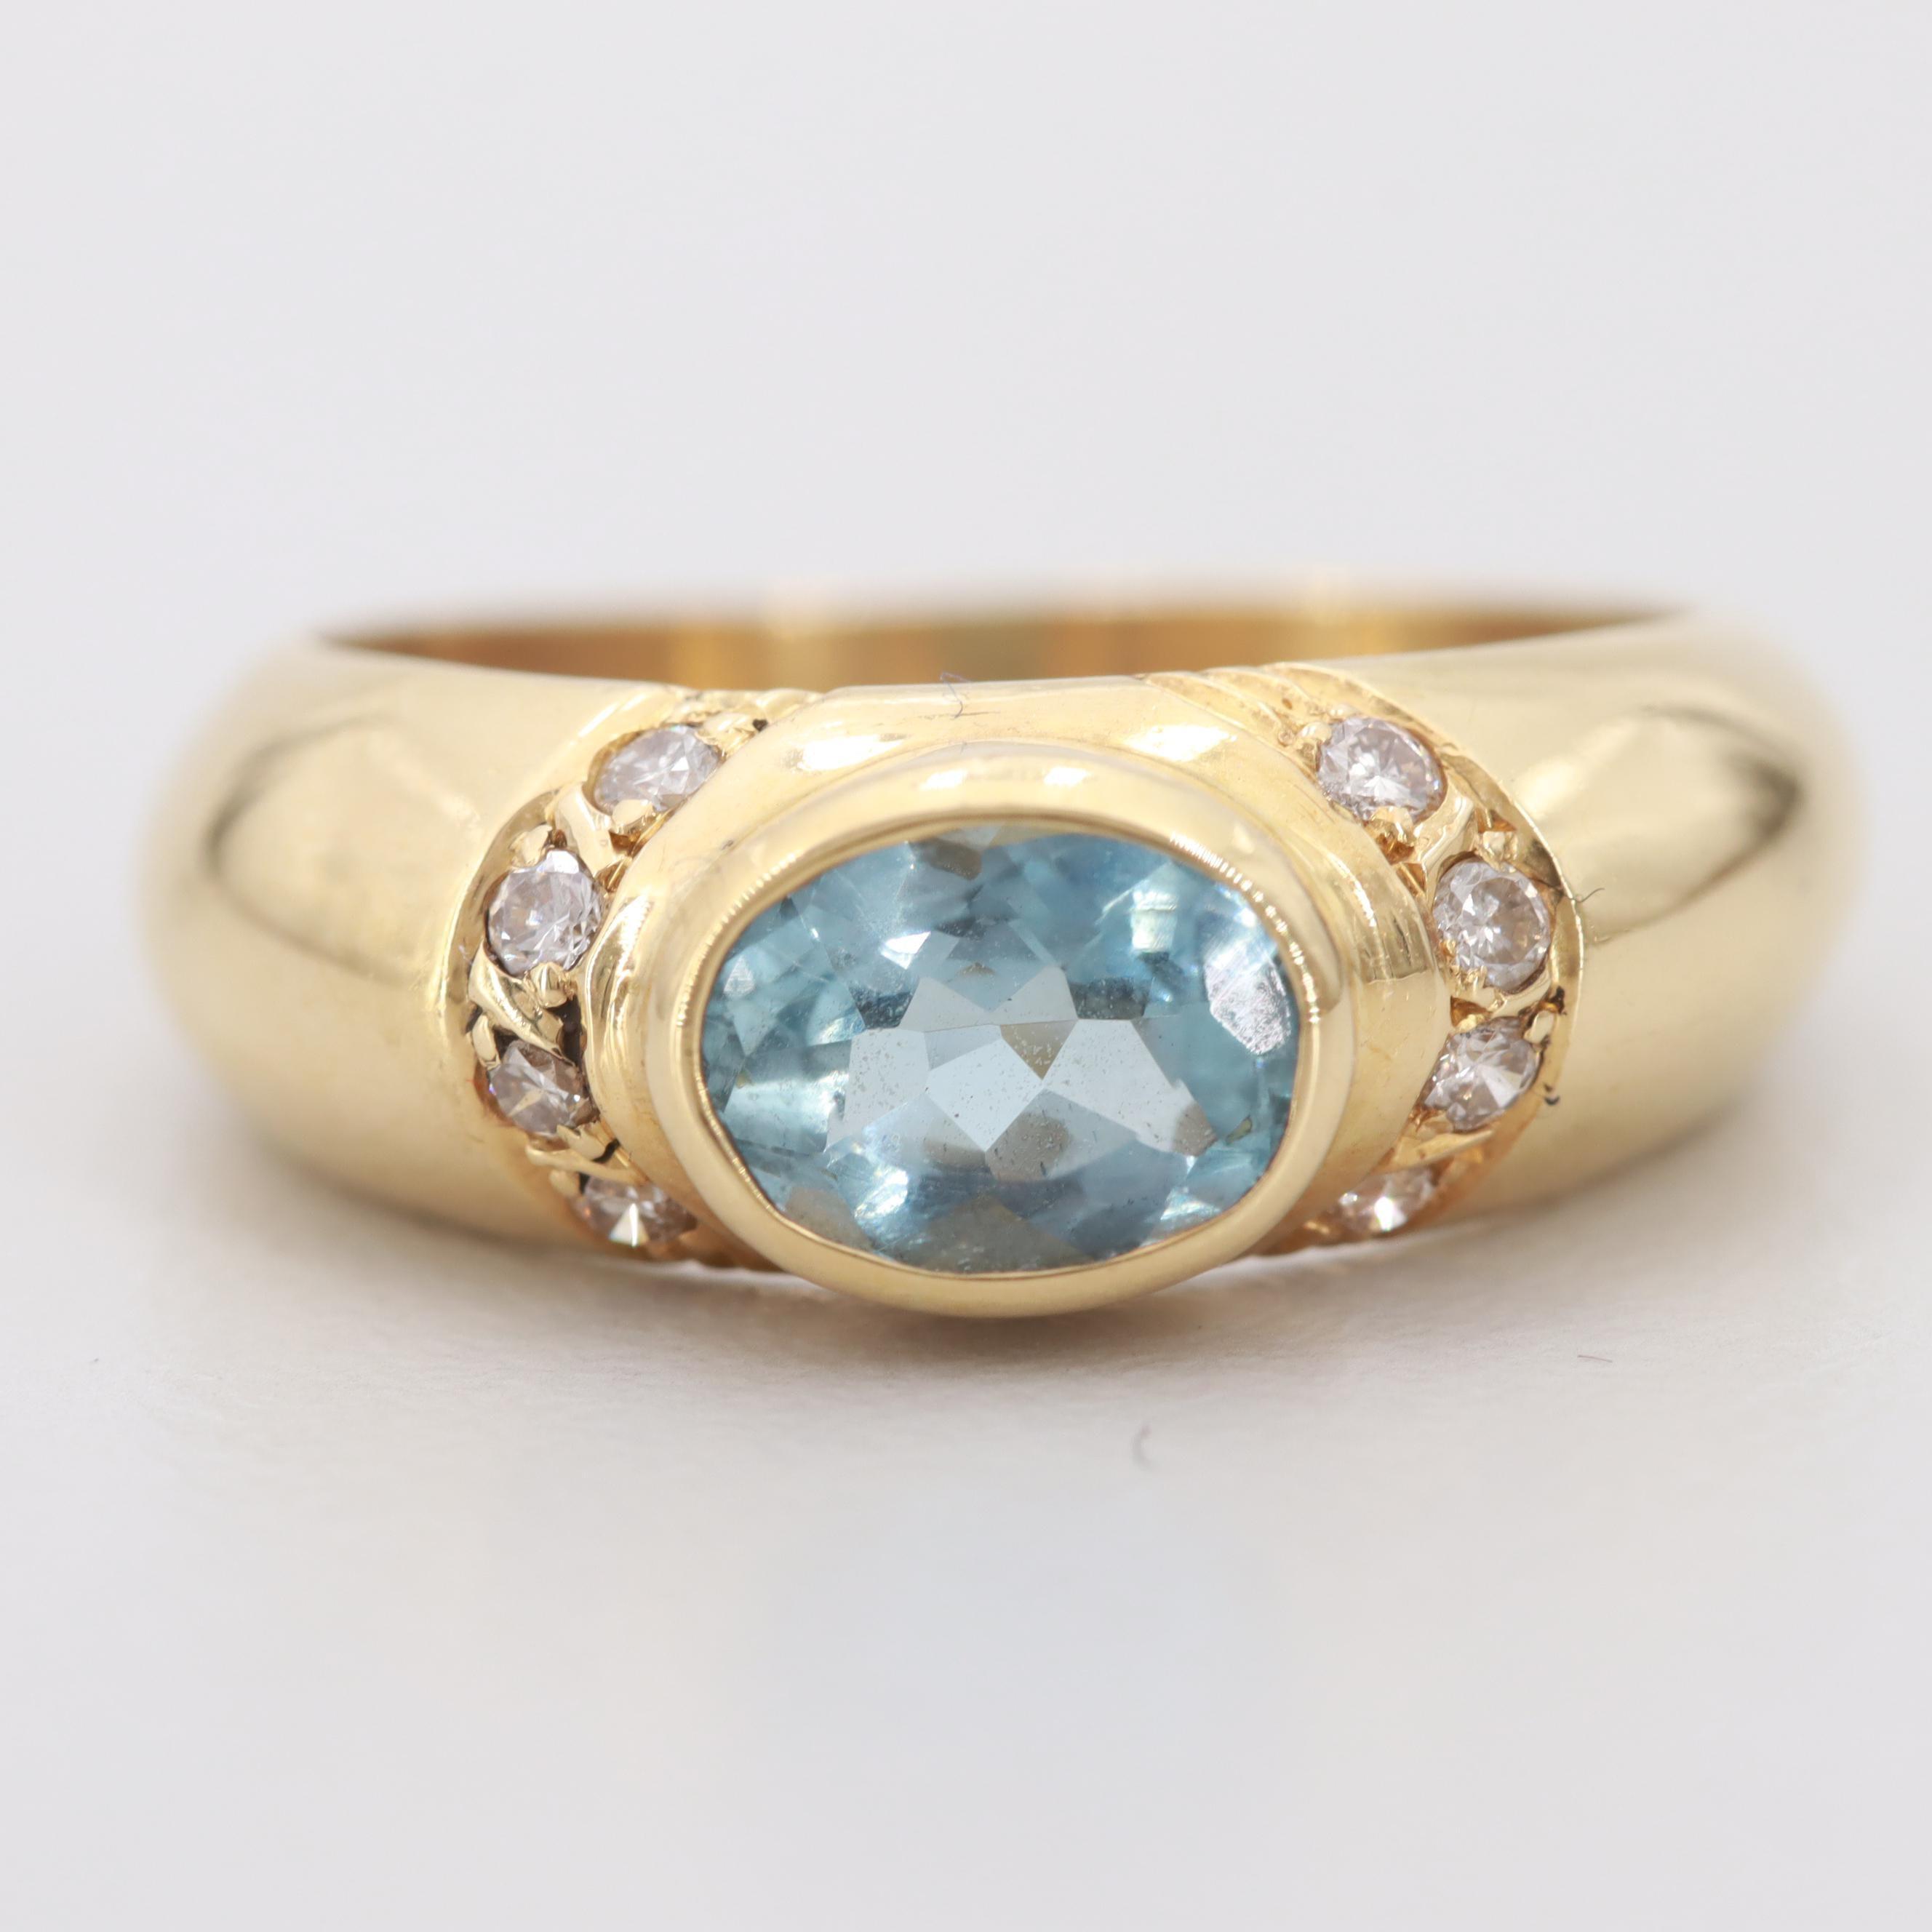 18K Yellow Gold Aquamarine and Diamond Ring